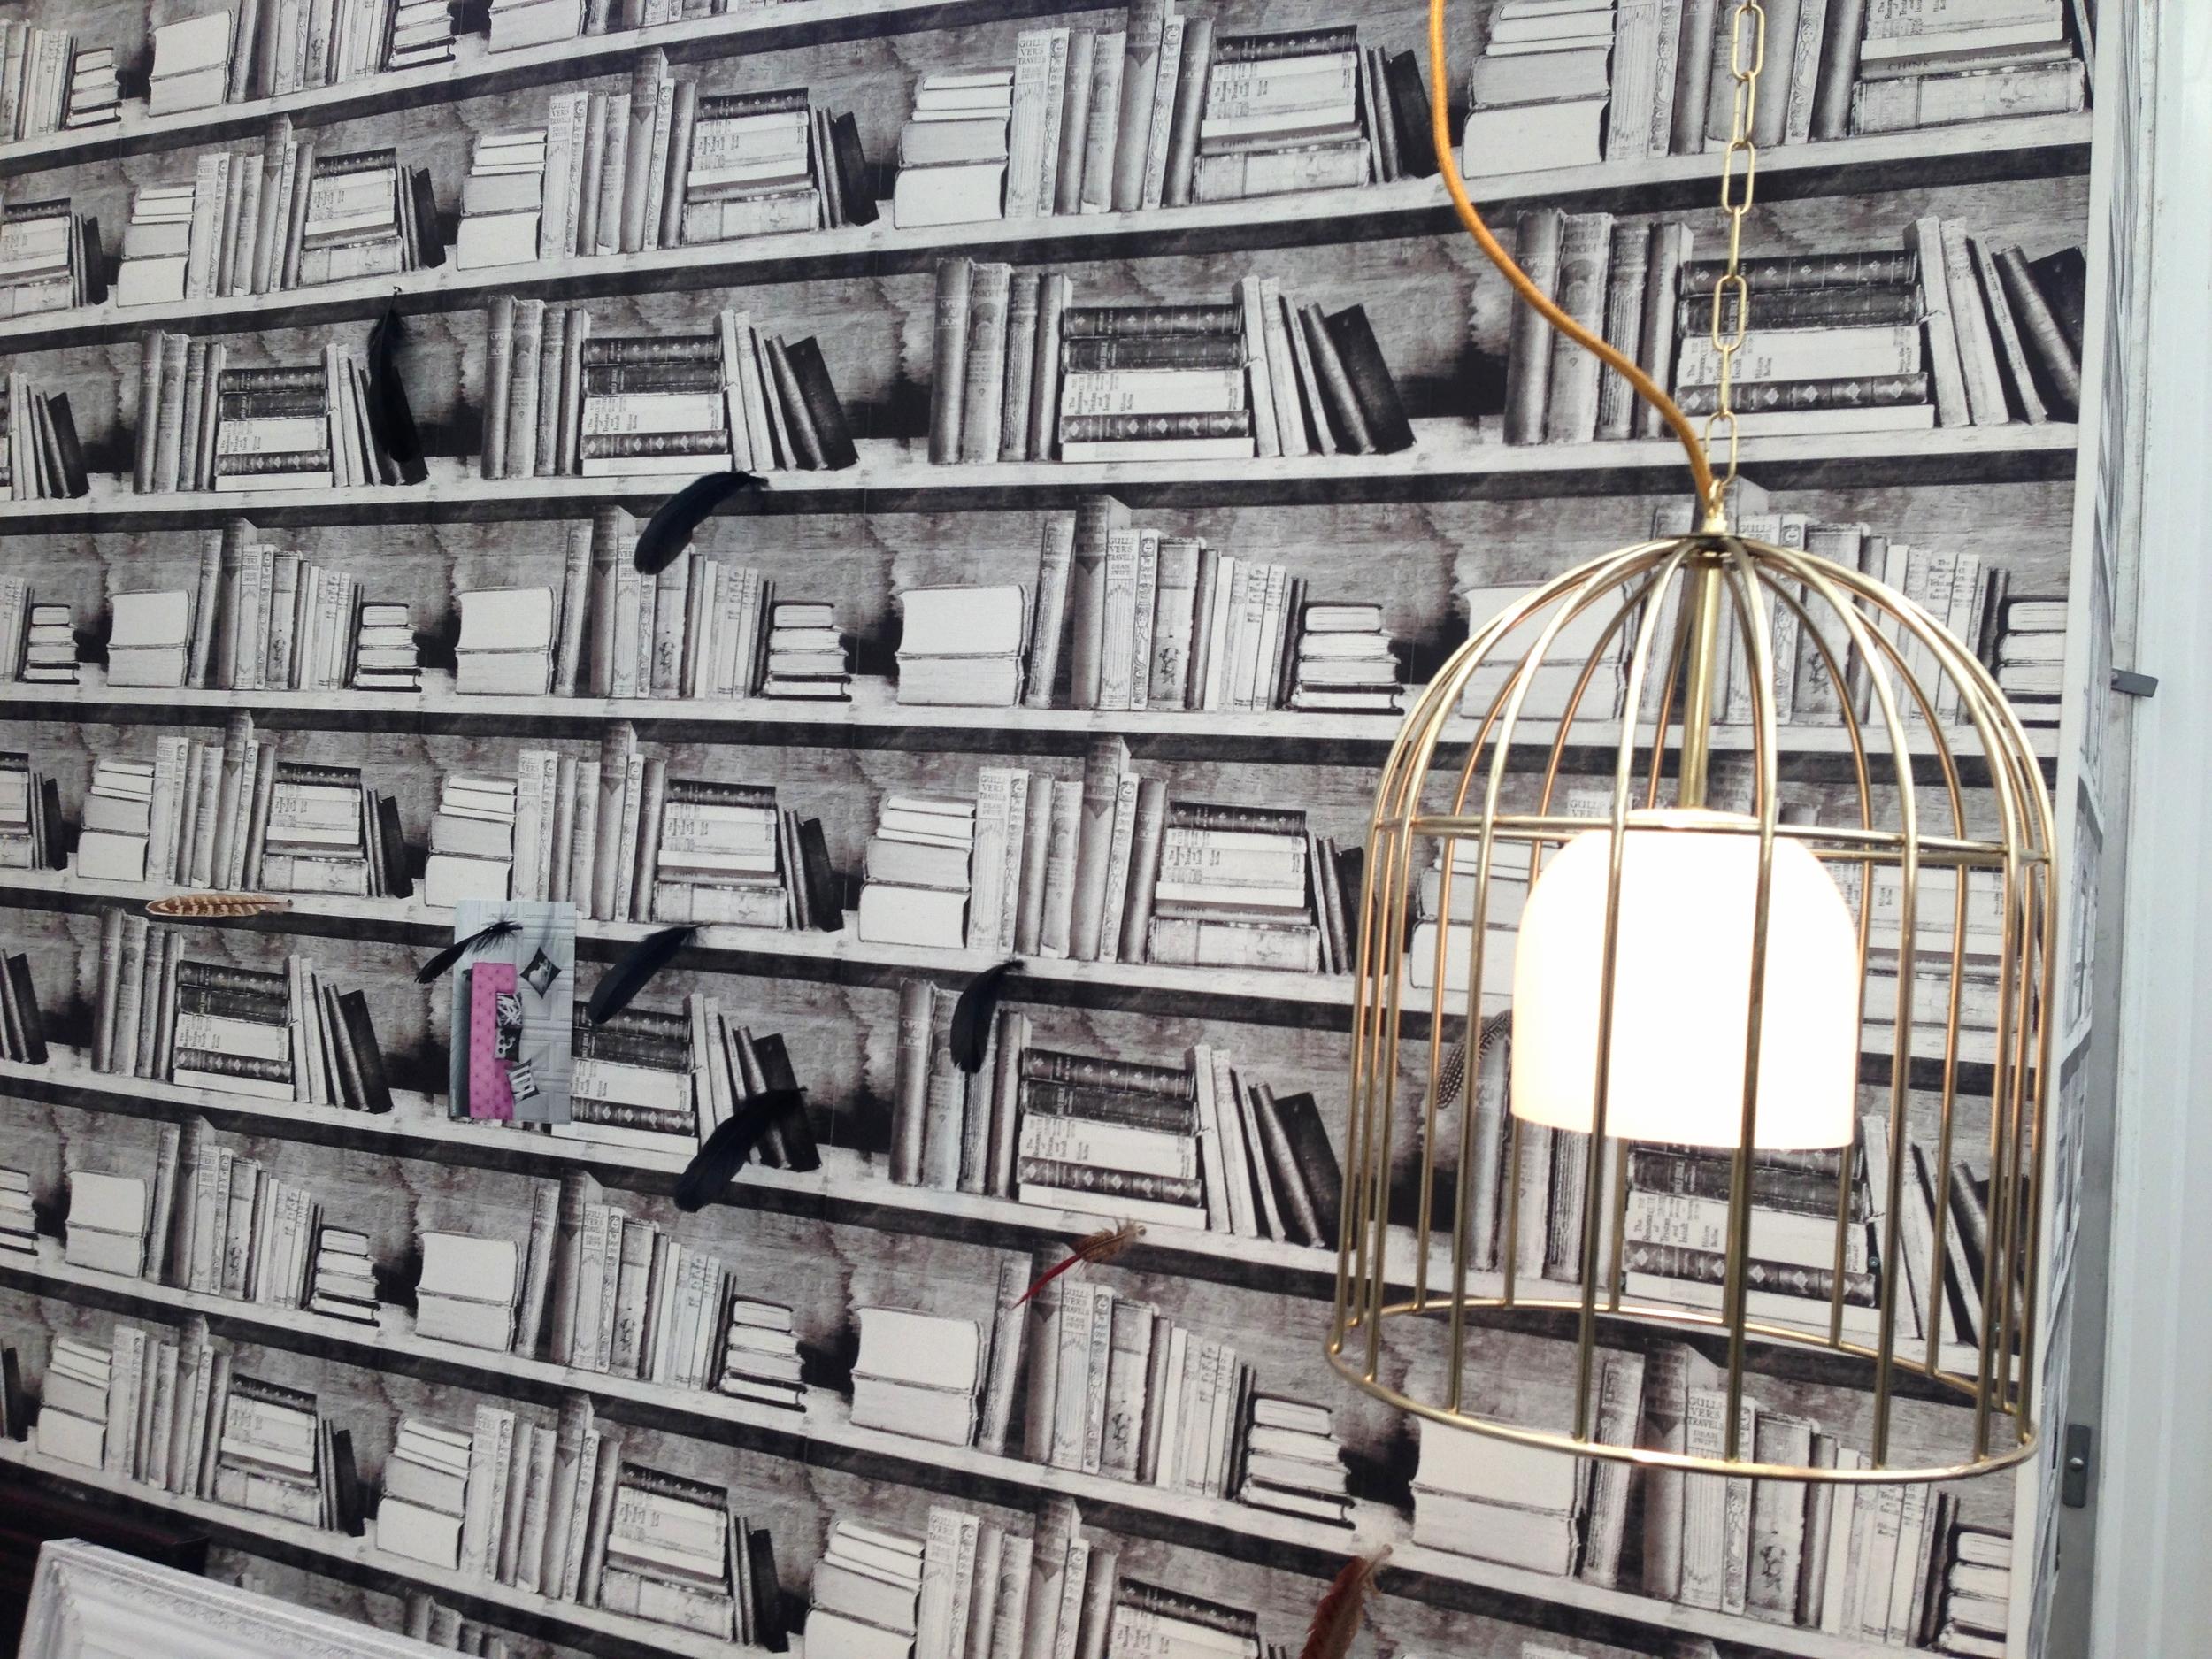 Mineheart  wallpaper and light